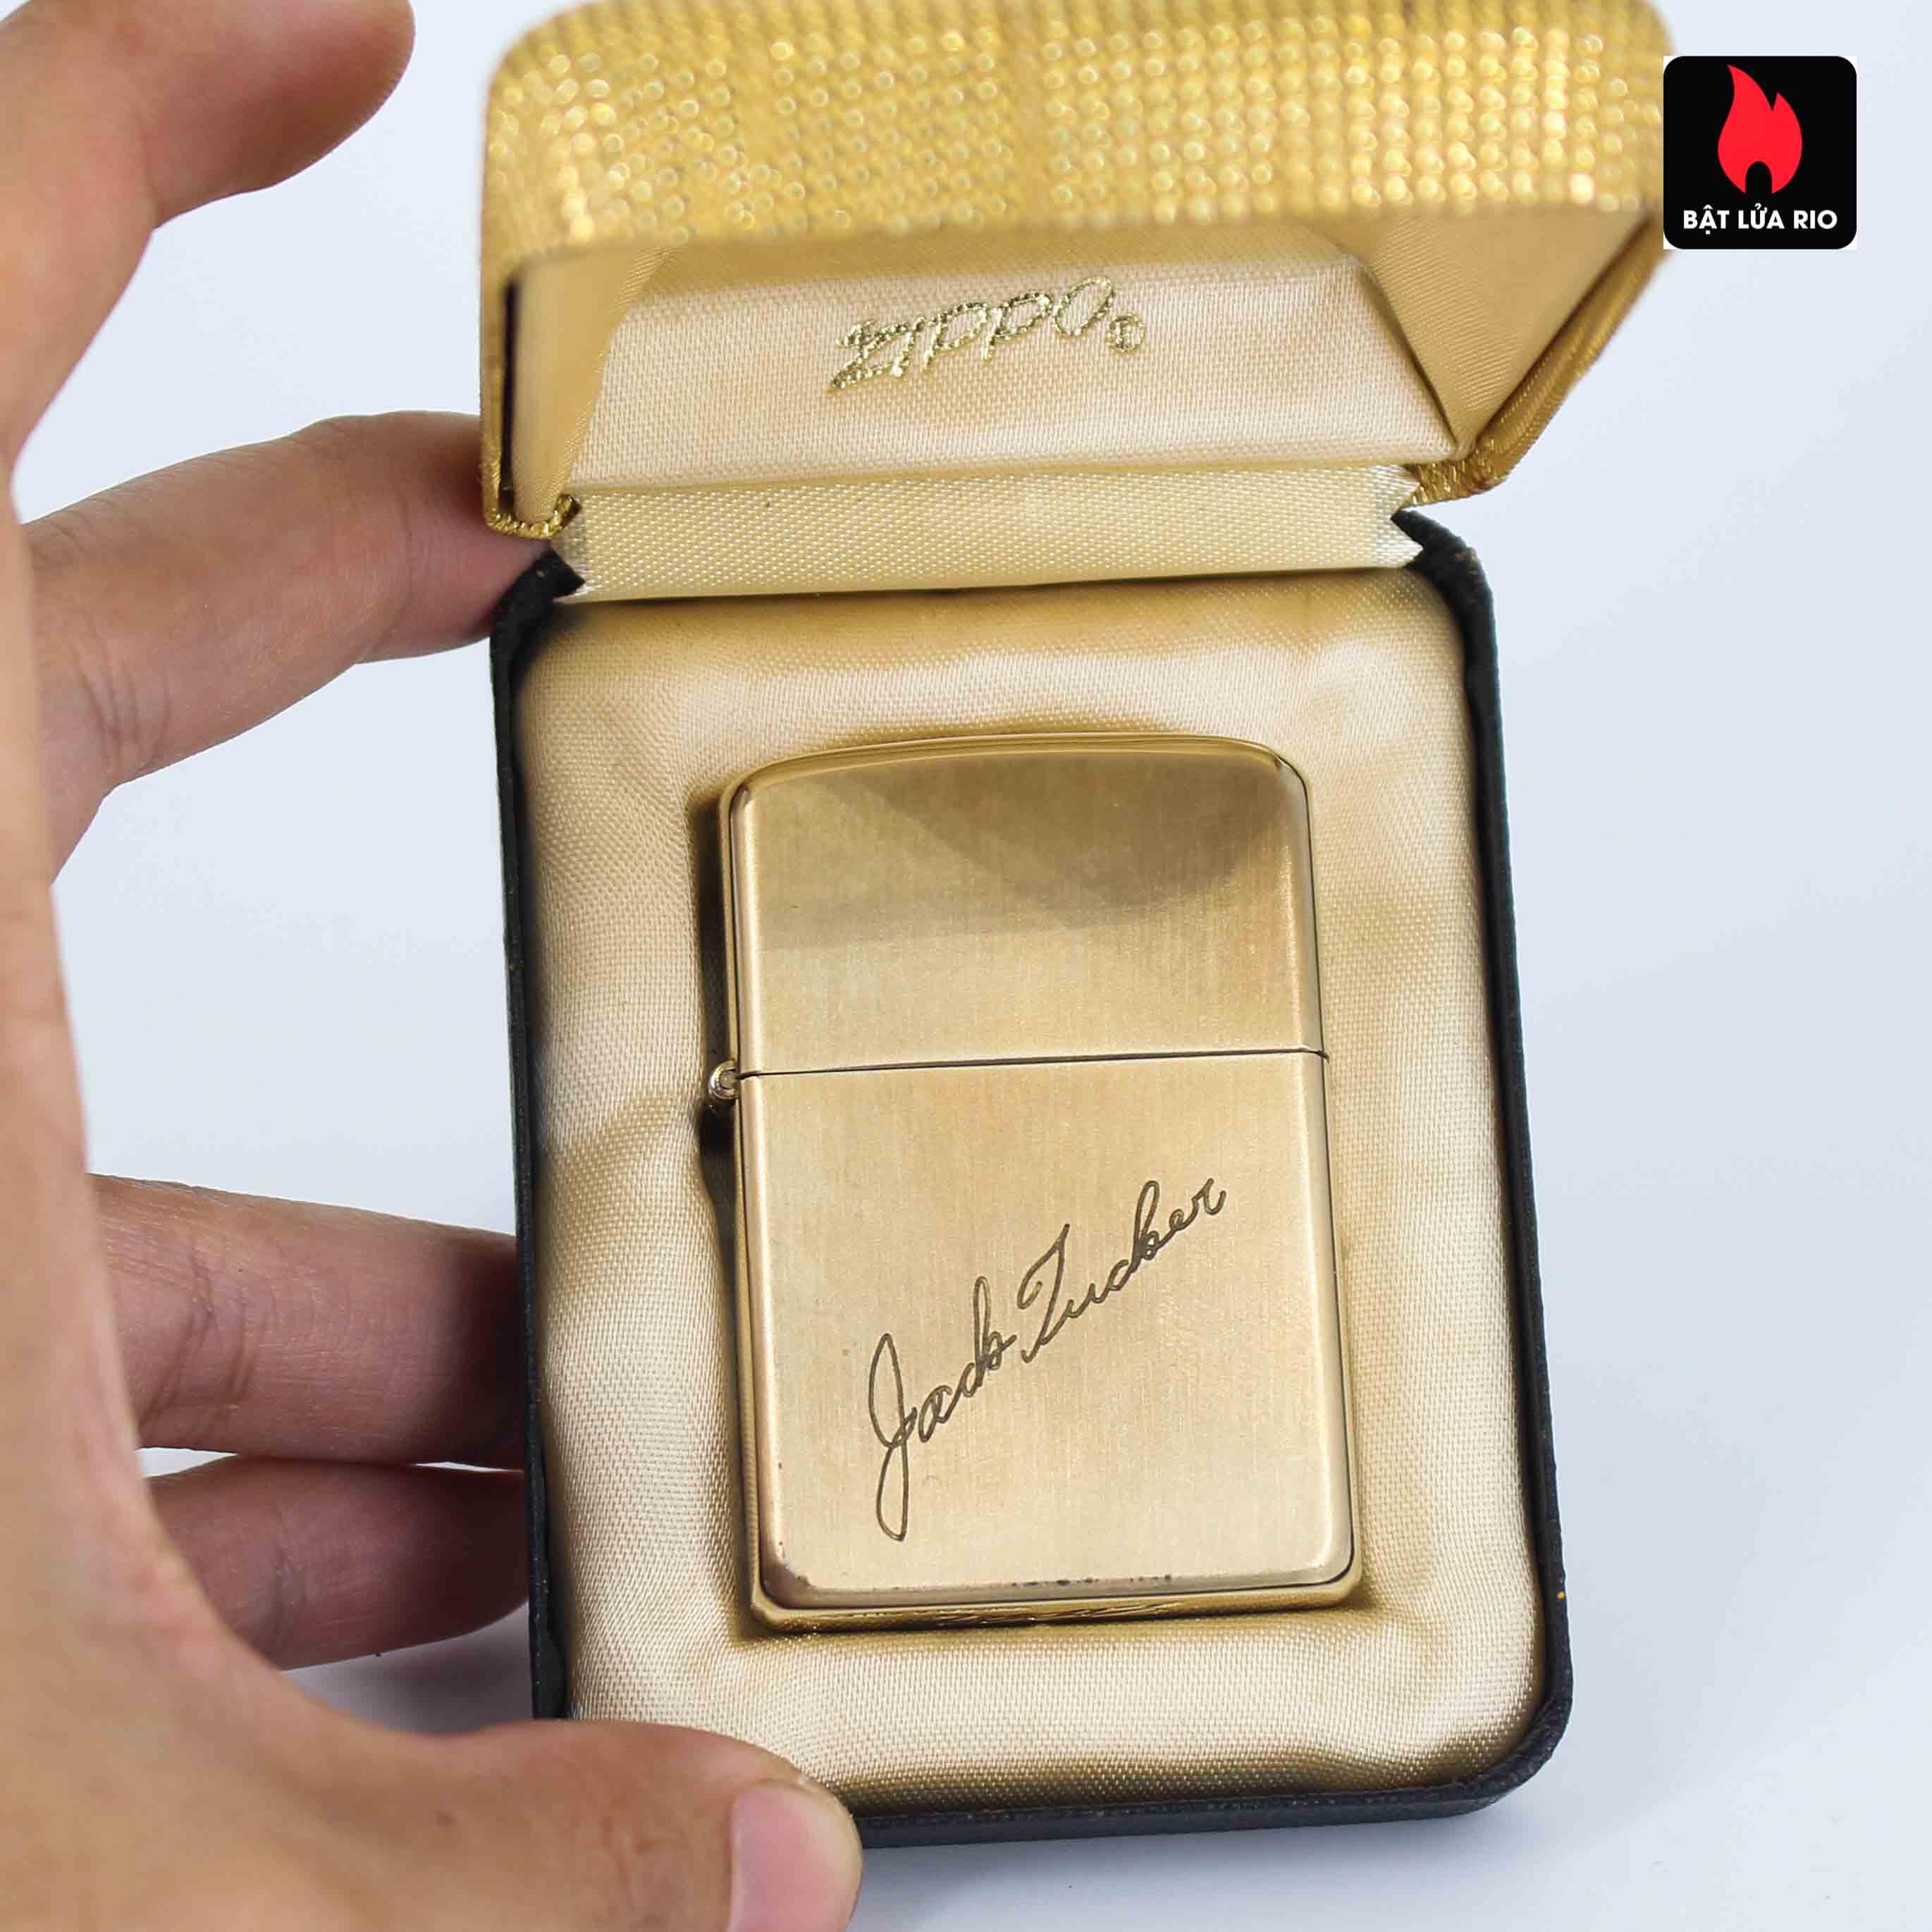 Zippo 1960s - 10K Gold Filled - Bọc Vàng 10K - Chữ Ký 1